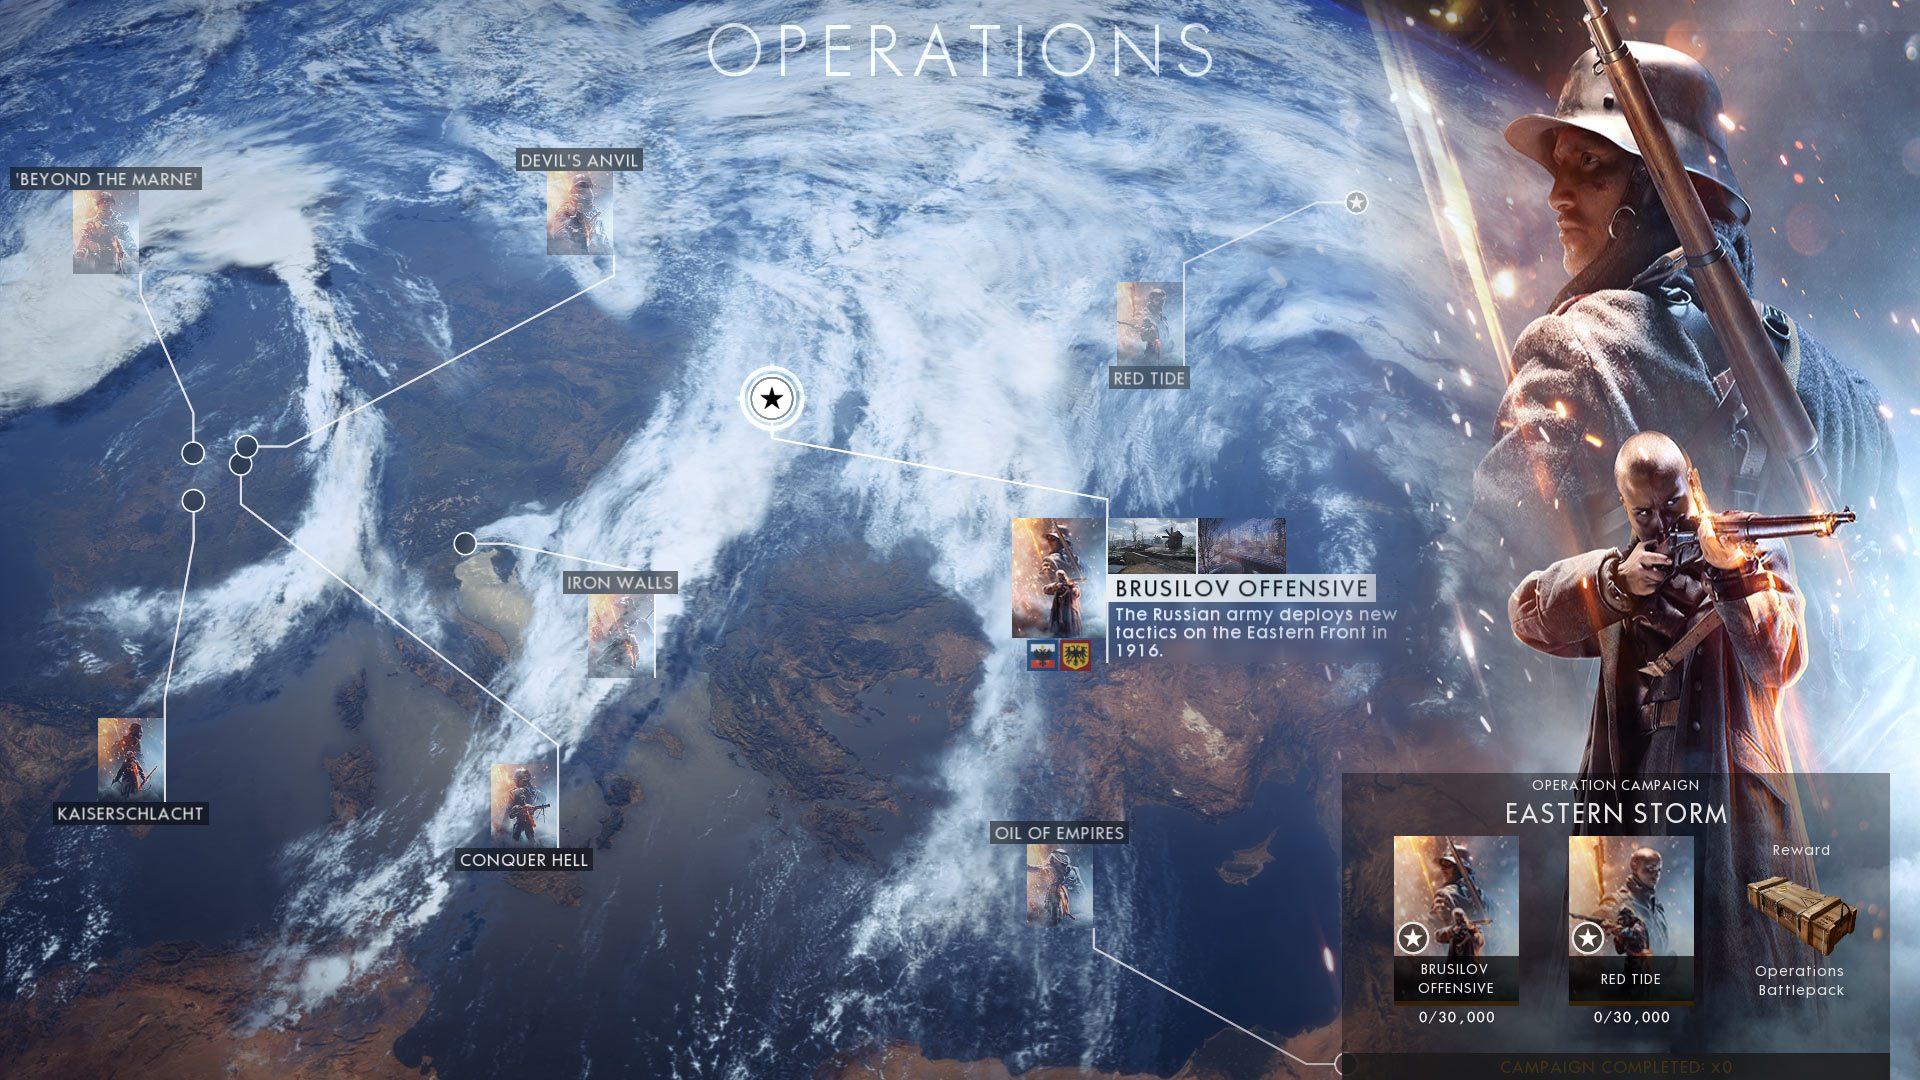 pc-operation-campaignbzu22.jpg